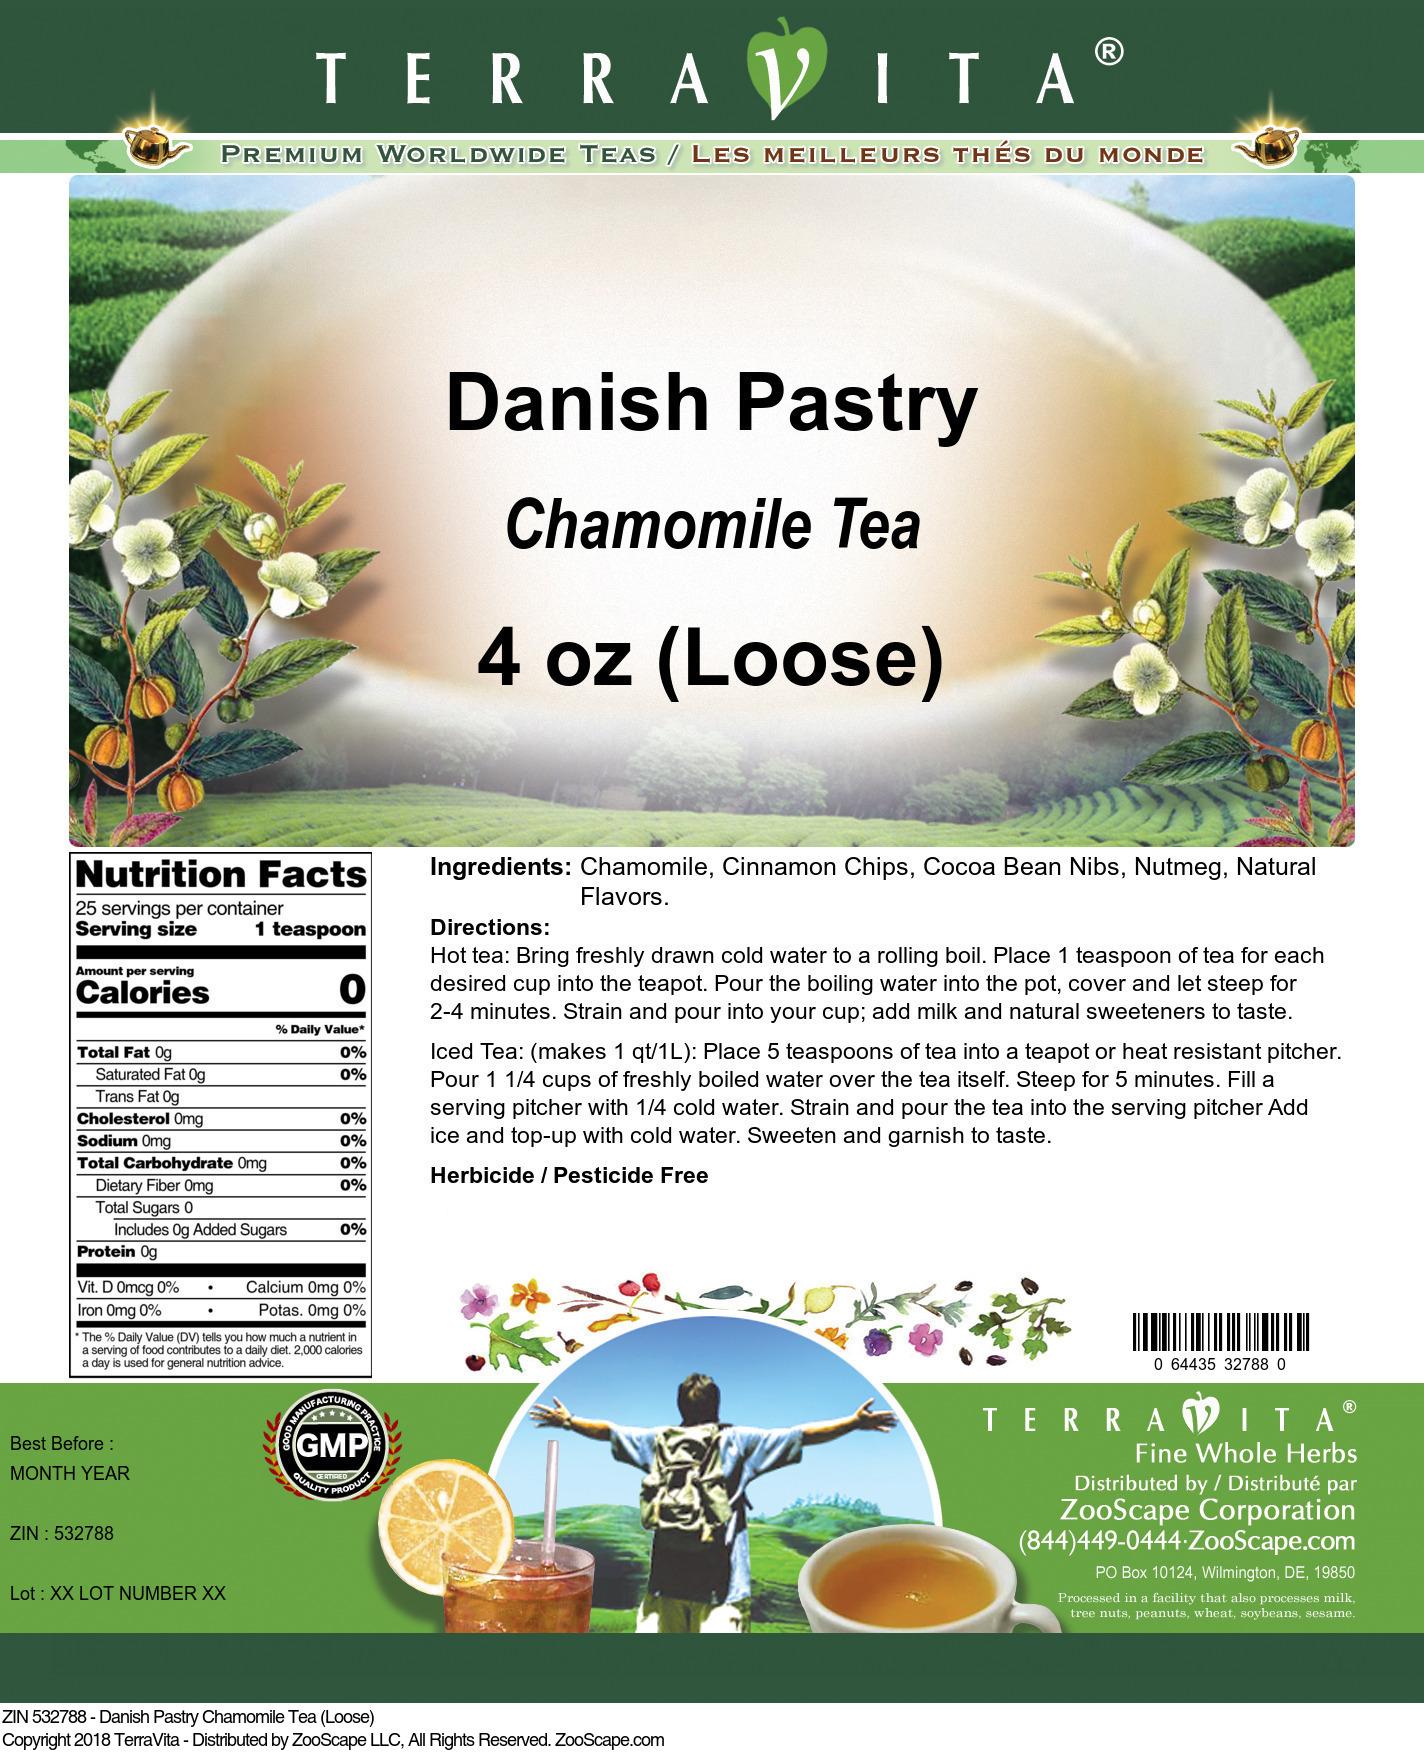 Danish Pastry Chamomile Tea (Loose)